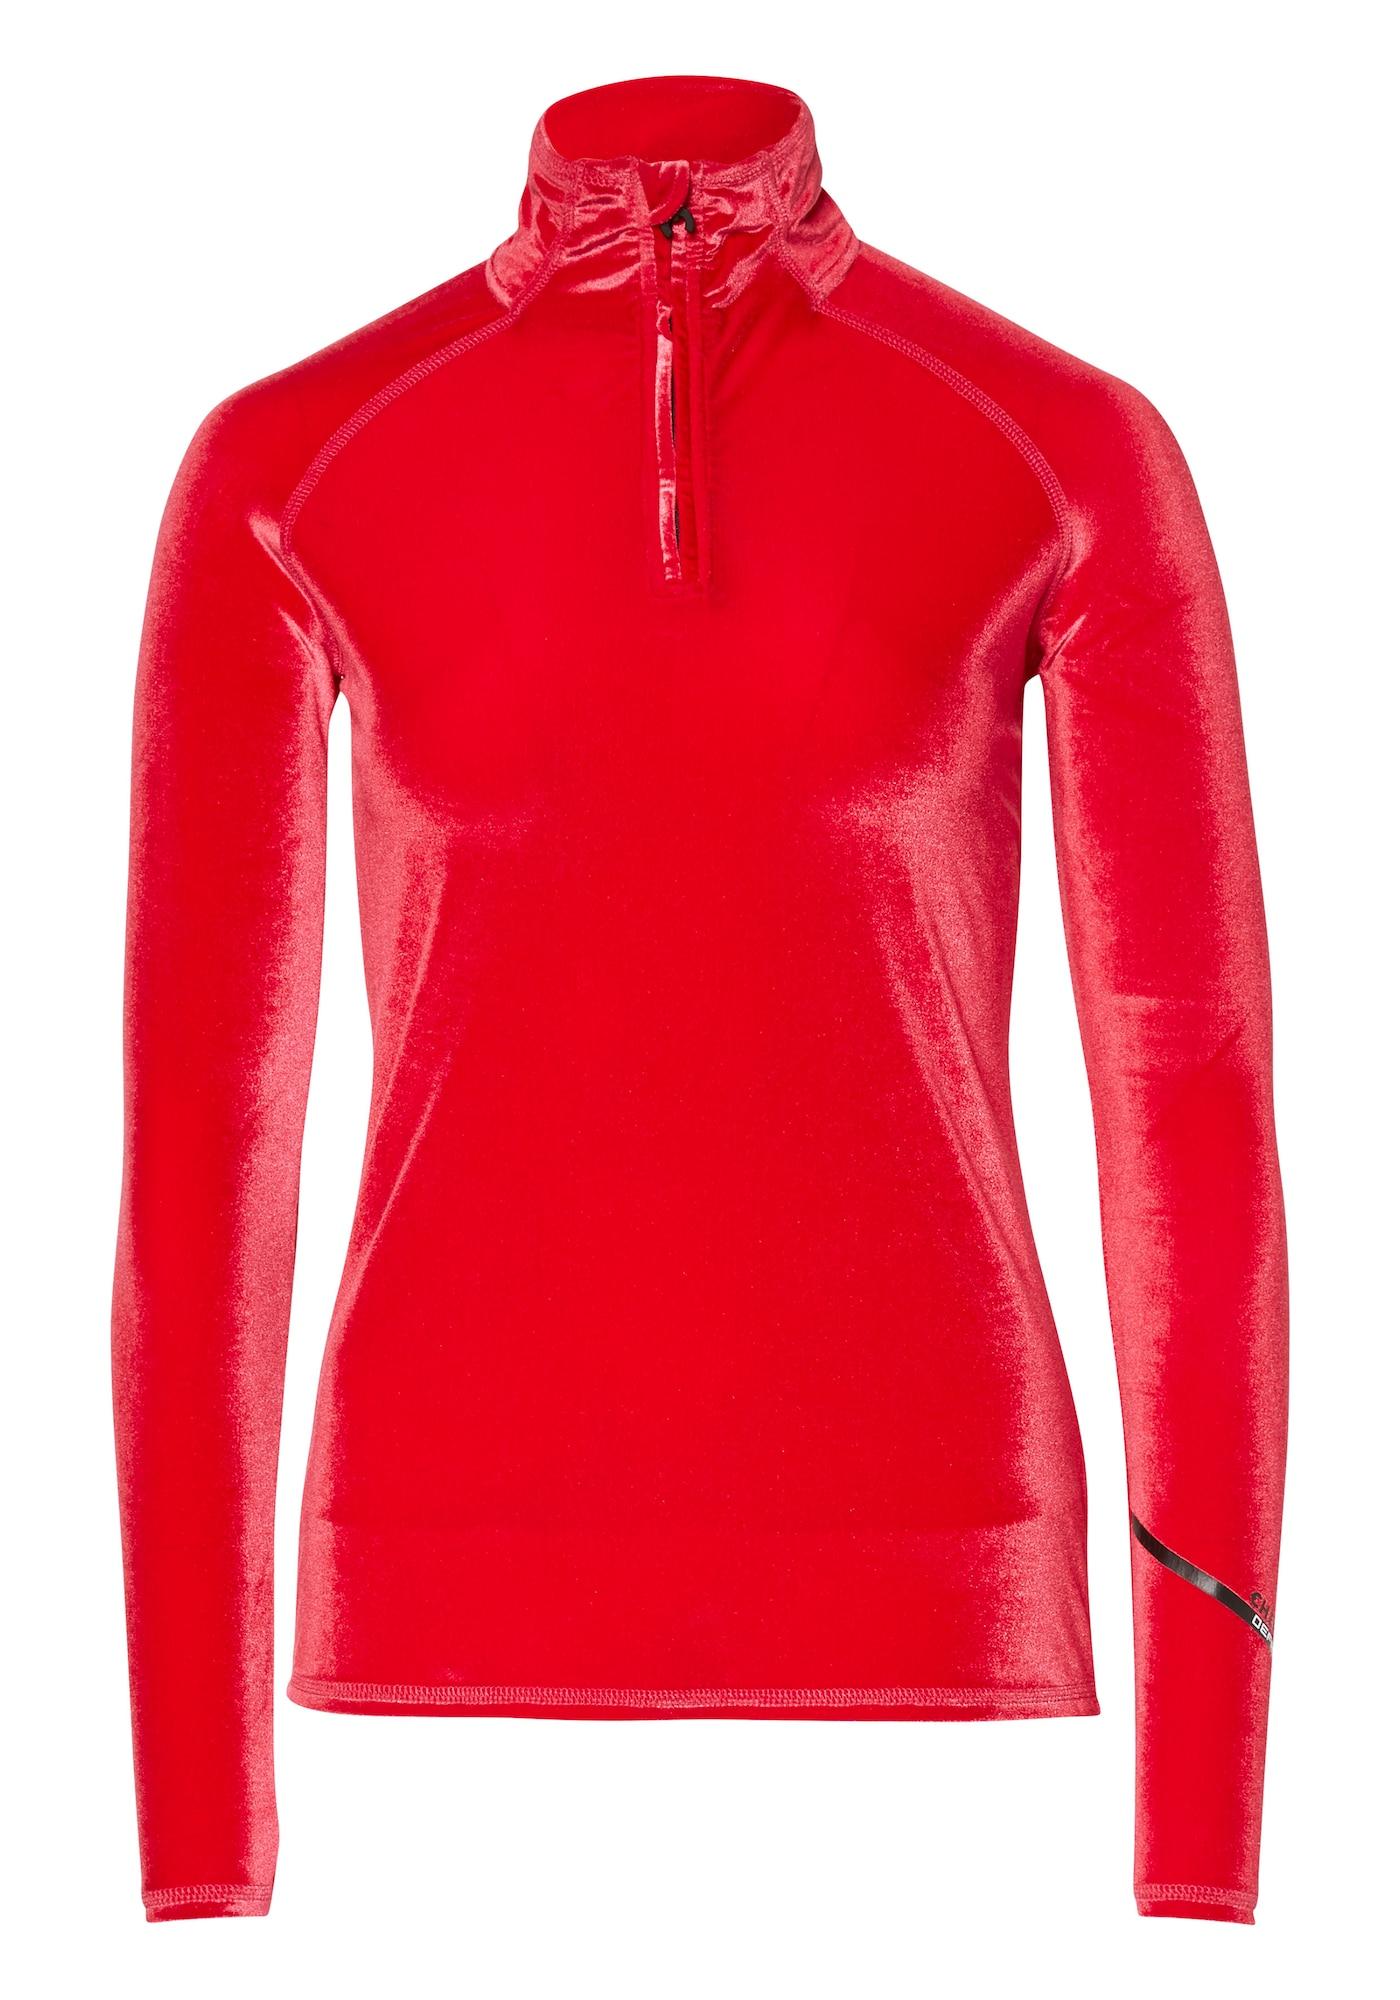 CHIEMSEE Sportiniai marškinėliai raudona